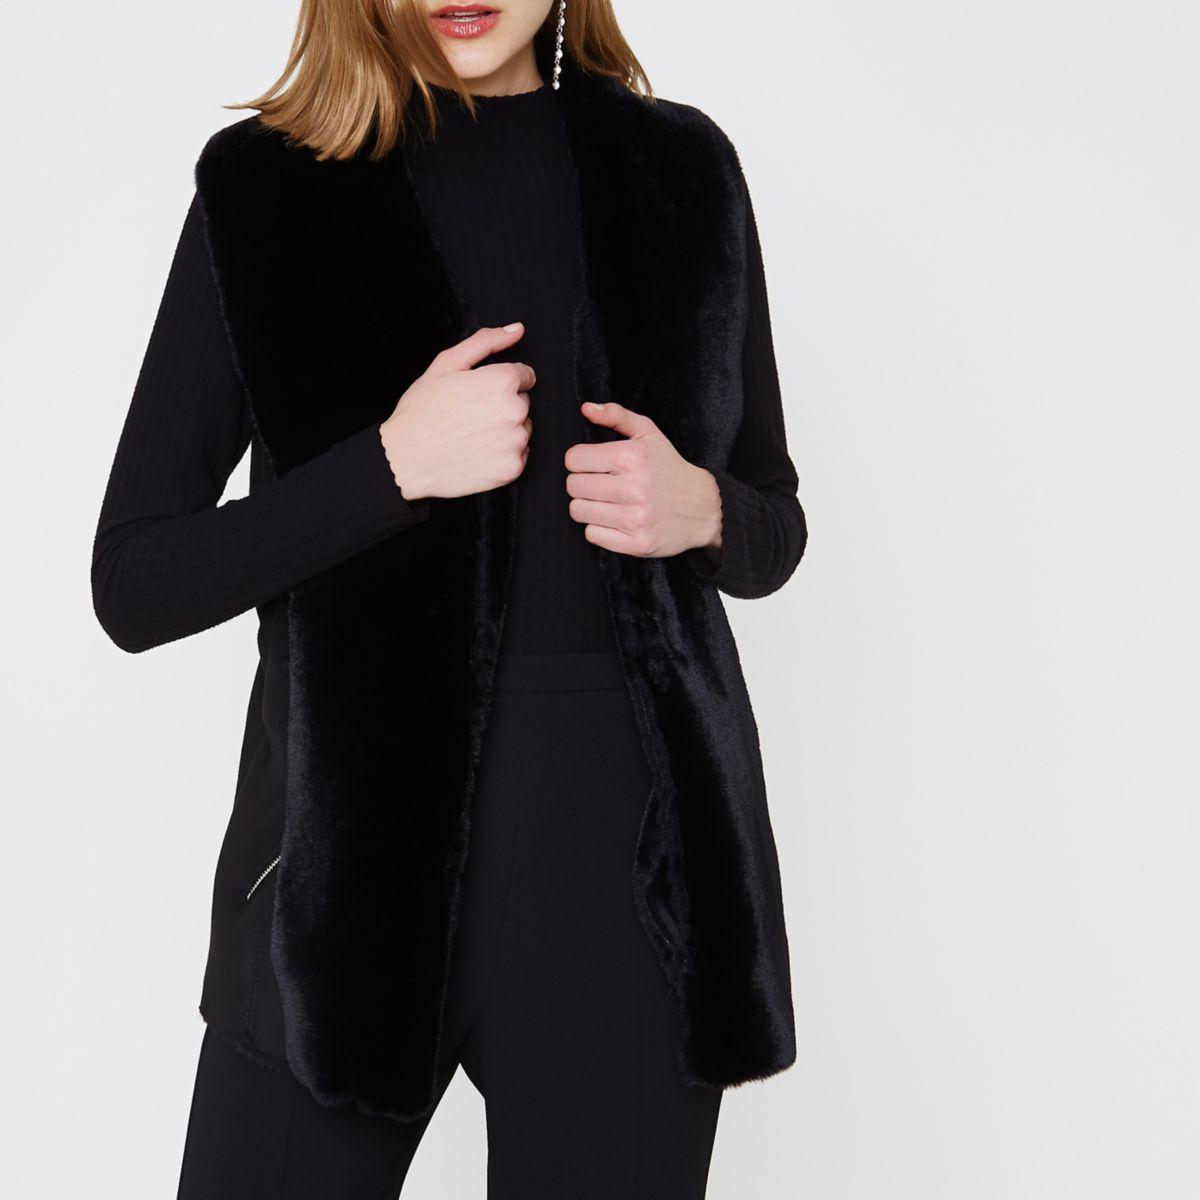 Black faux shearling fallaway vest